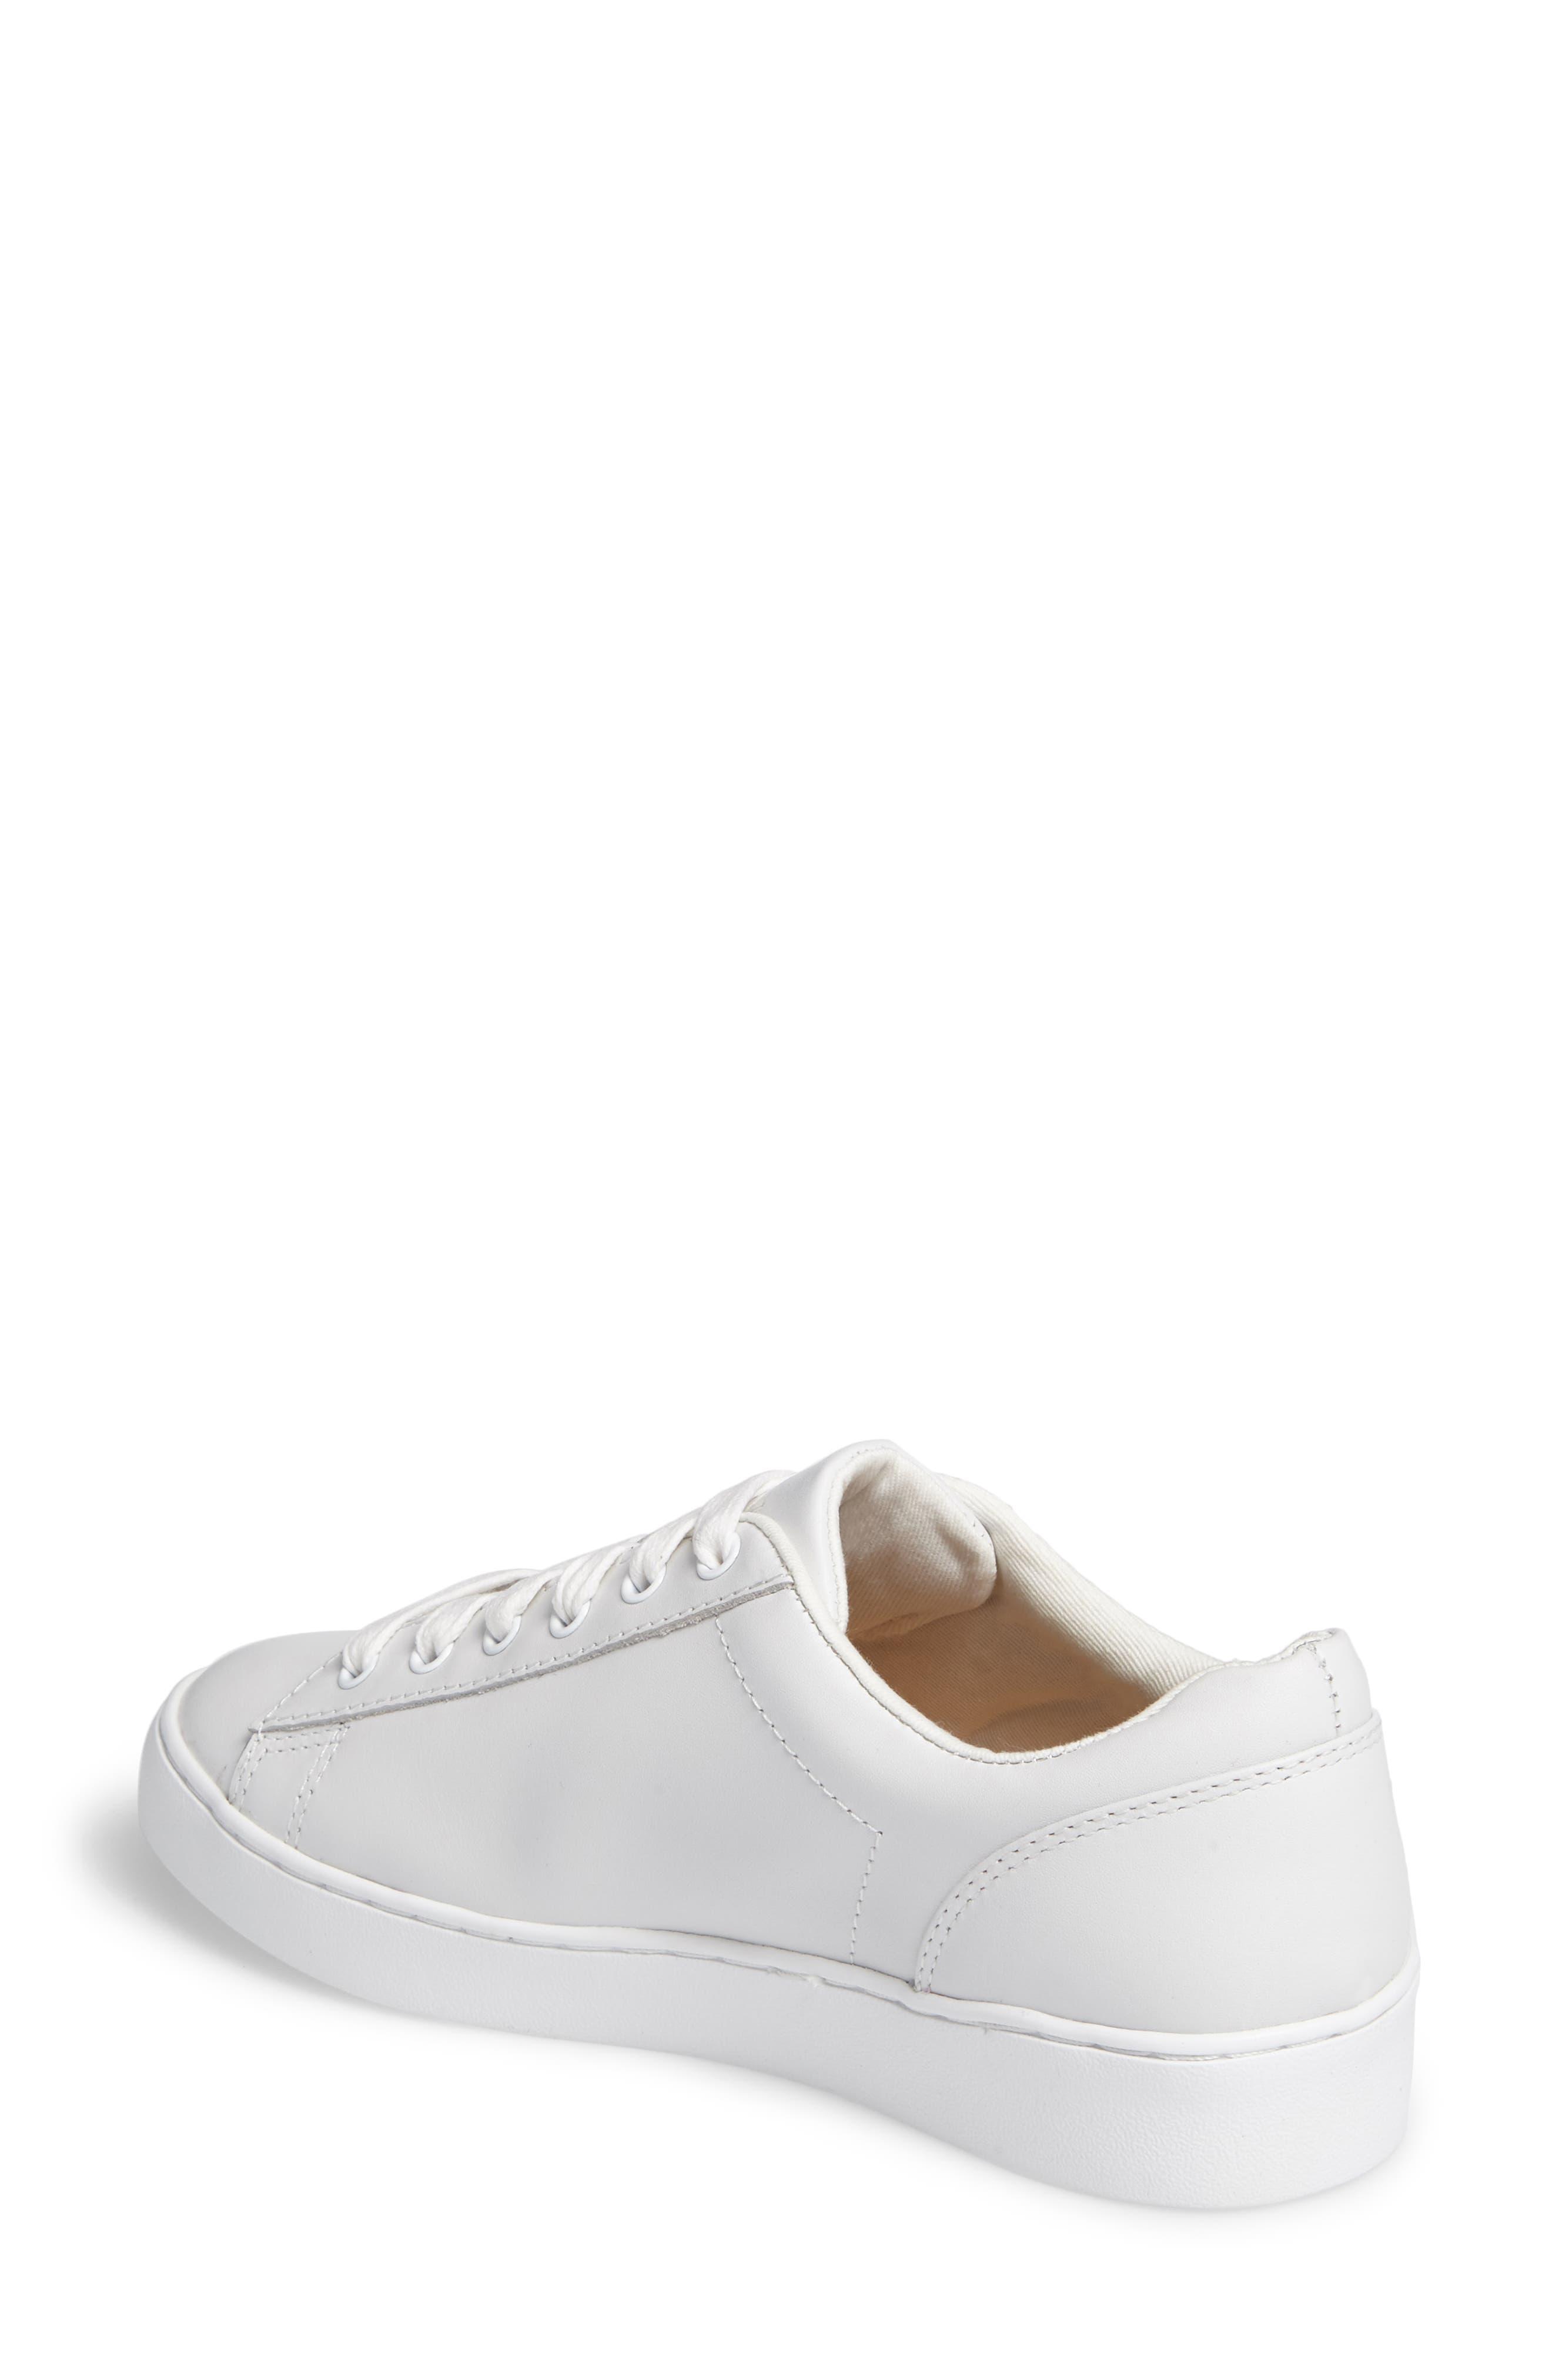 Alternate Image 2  - Vionic Splendid Syra Sneaker (Women)